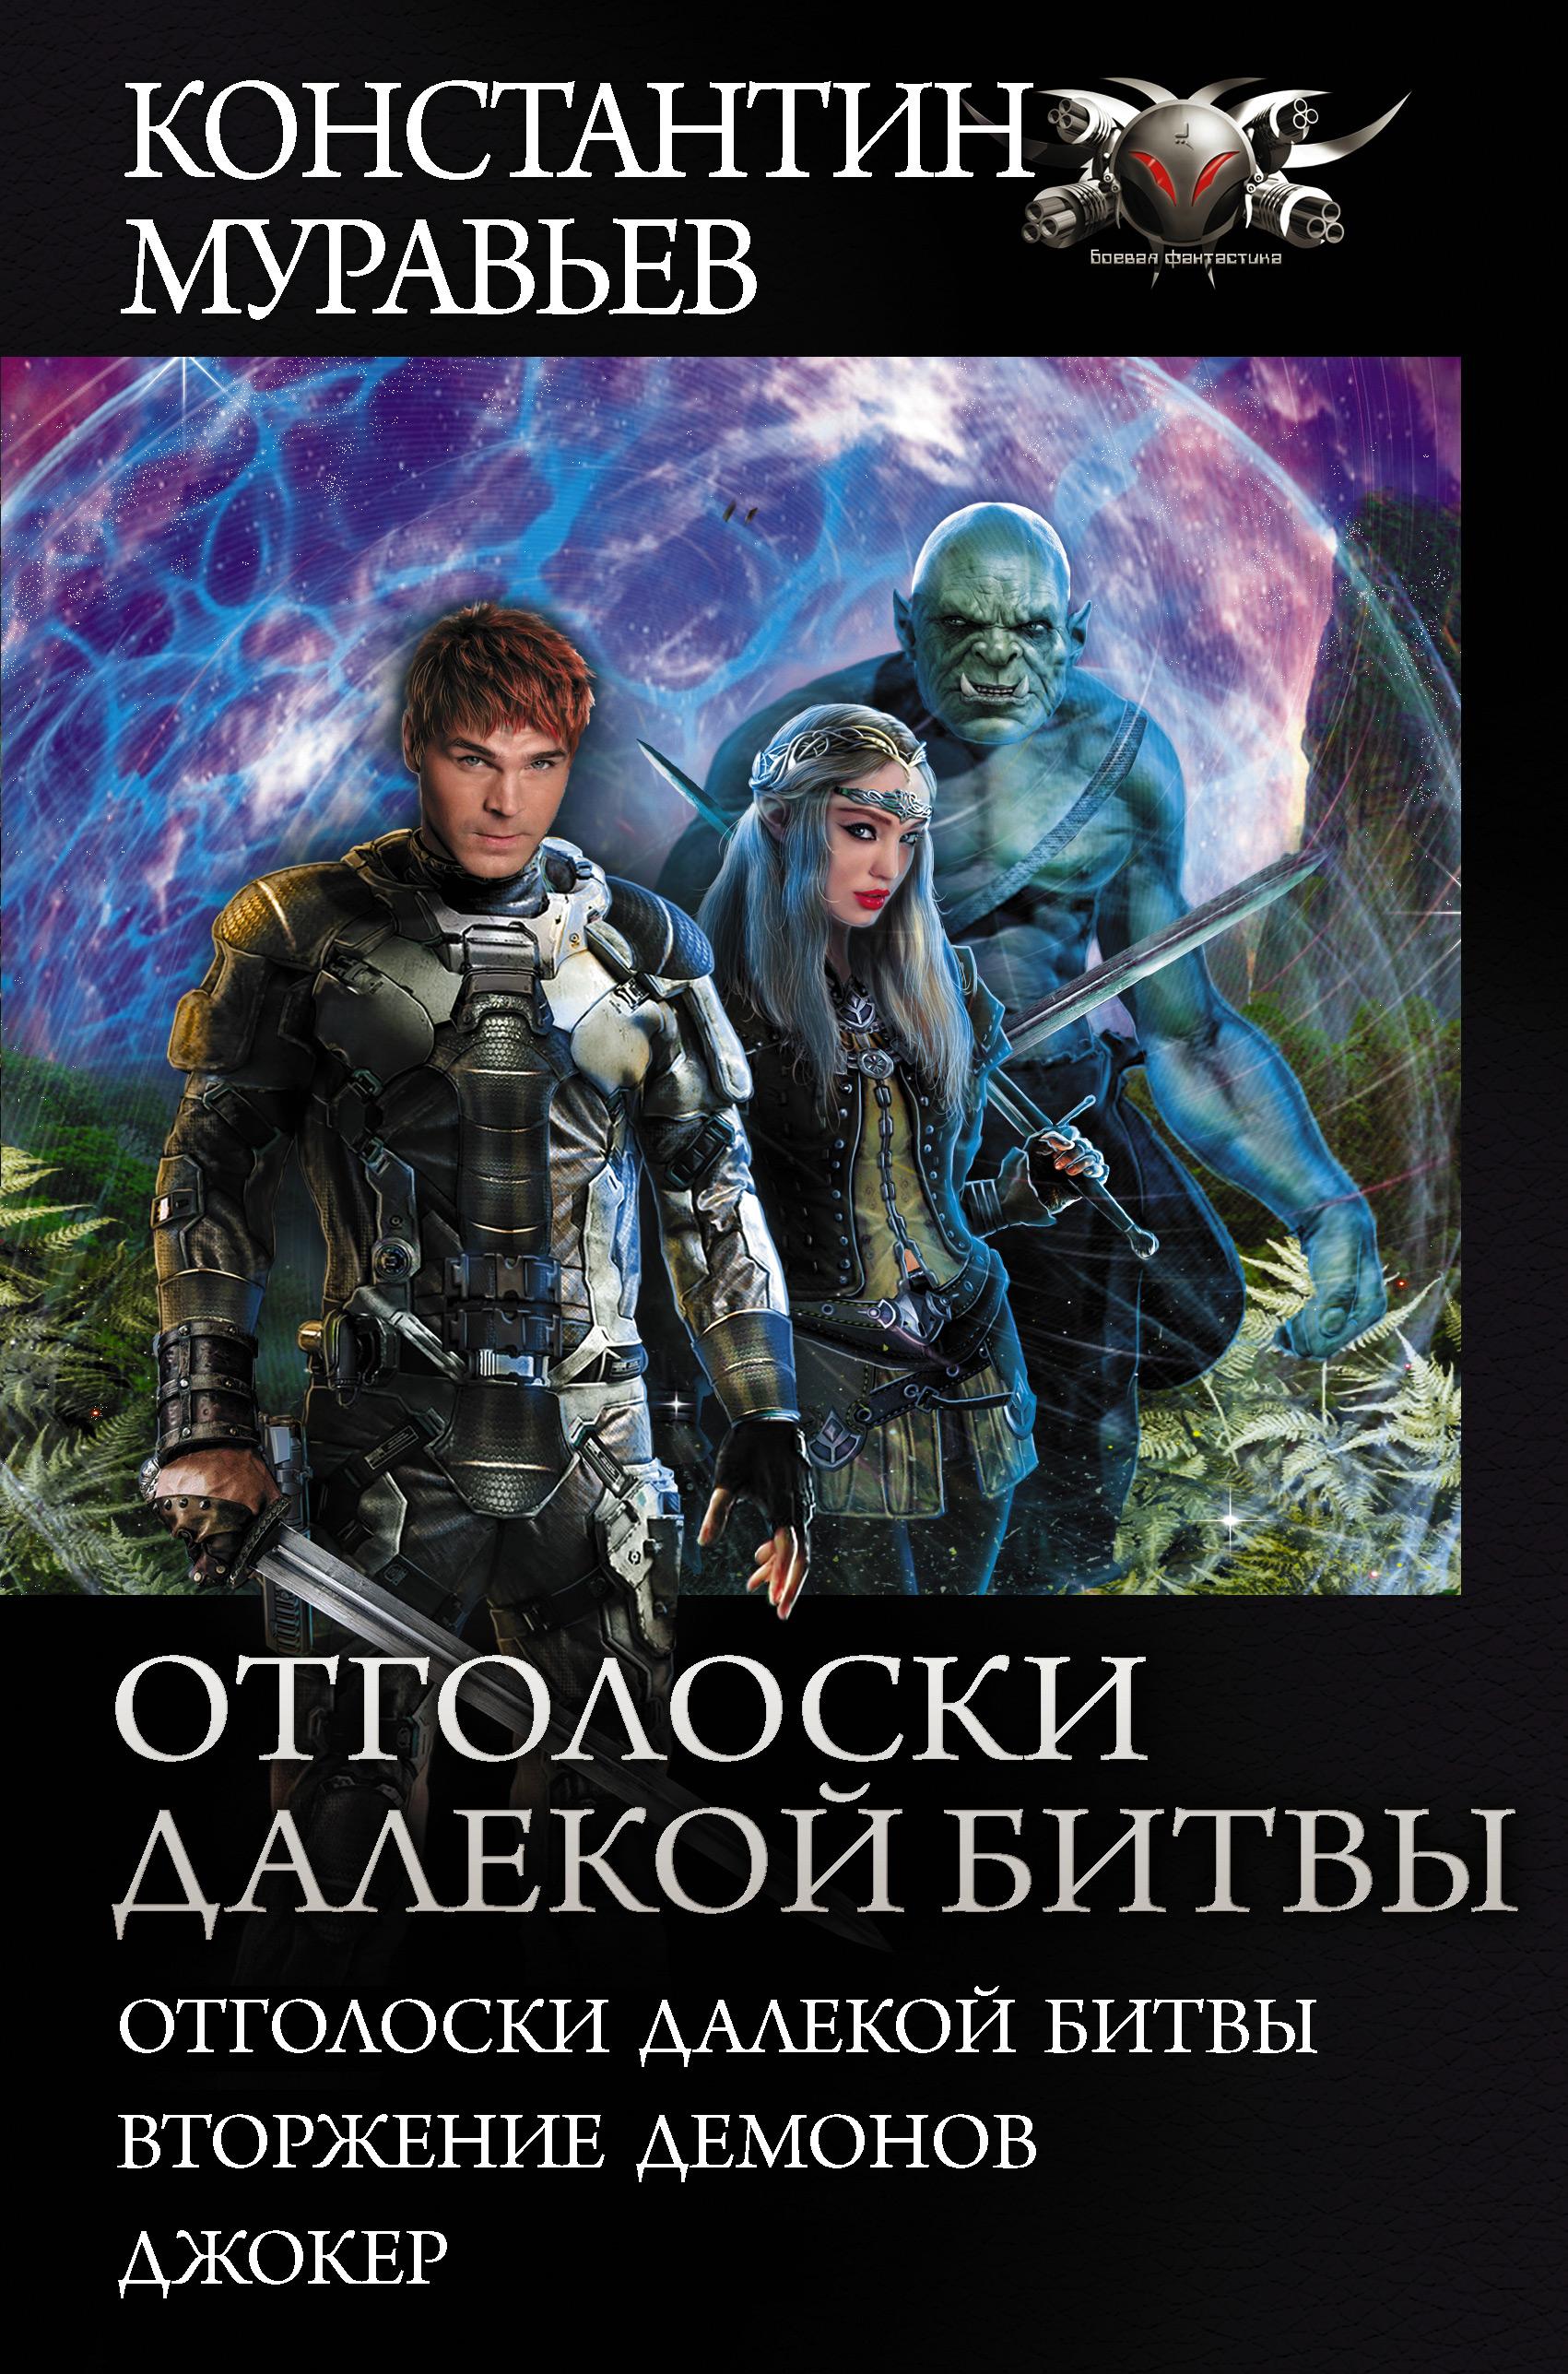 Отголоски далекой битвы: Отголоски далекой битвы. Вторжение демонов. Джокер фото